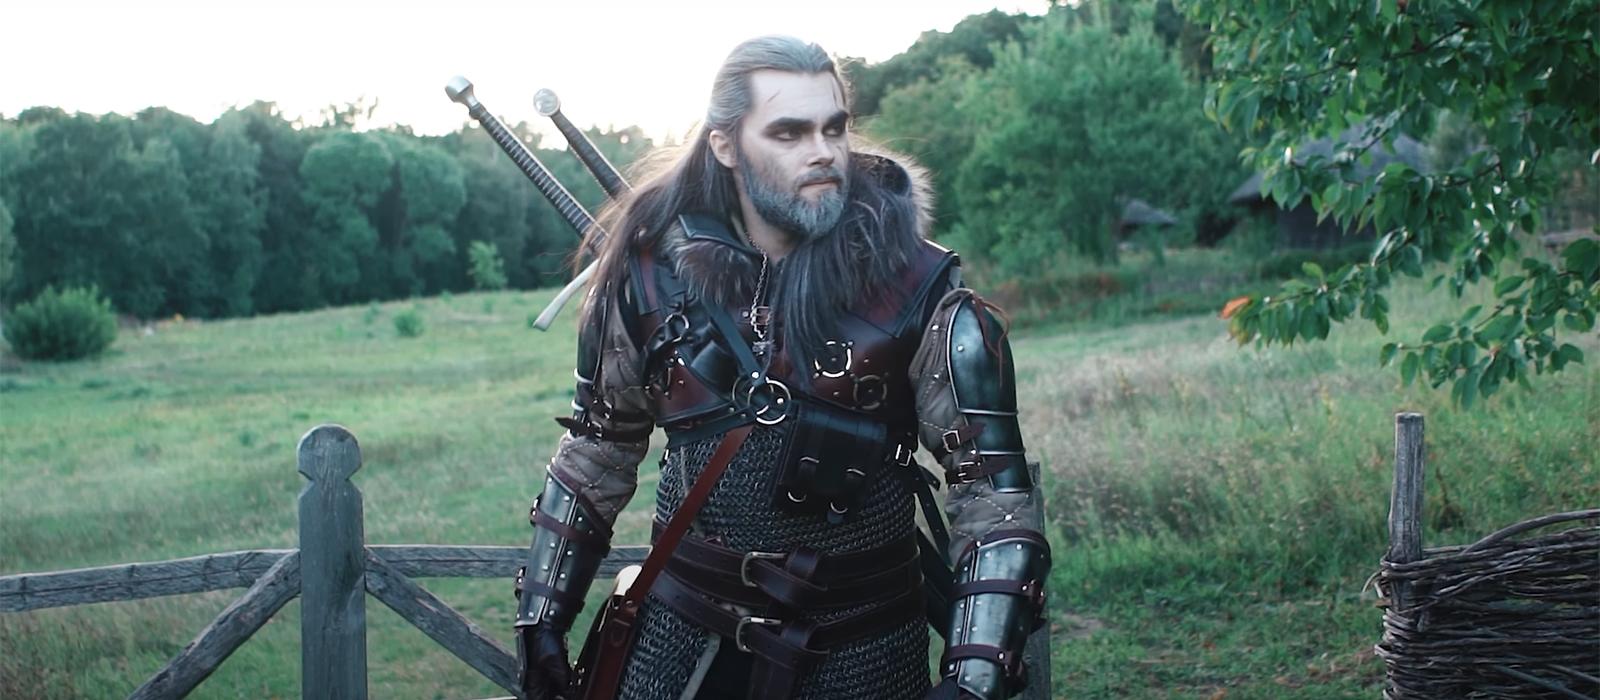 Der Ukrainer wurde als Geralt wiedergeboren und zeigte sich in der echten Großmeisterrüstung der Bärenschule aus The Witcher 3